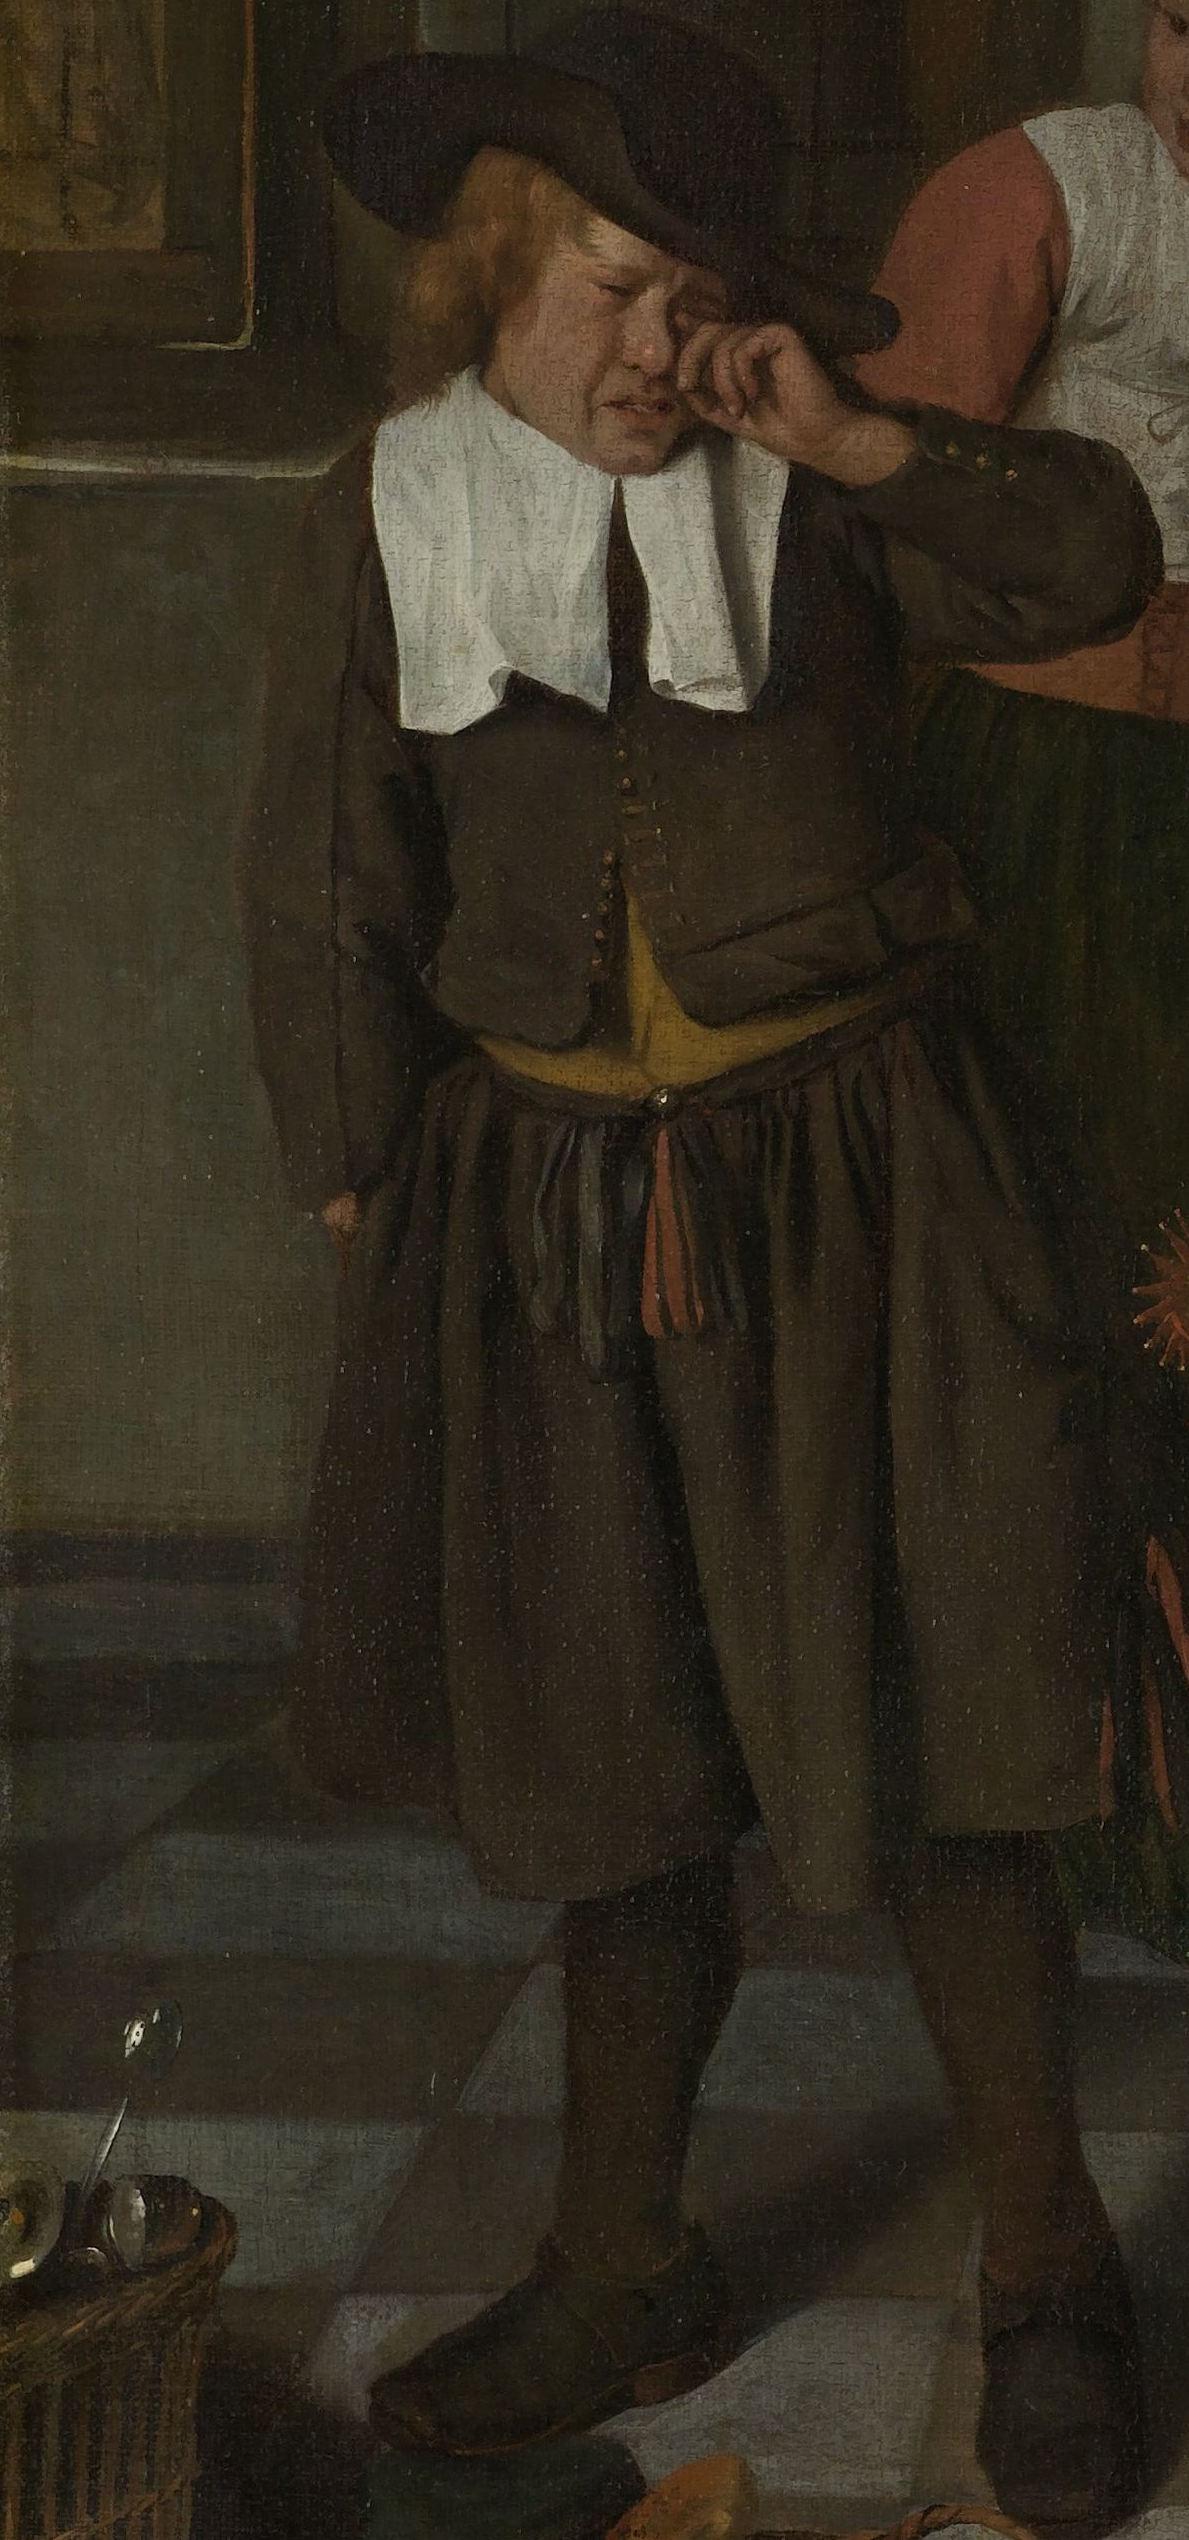 Sint Nicolaasfeest Rijksmuseum.Uitsnede Uit Jan Steen Het Sint Nicolaasfeest 1665 1668